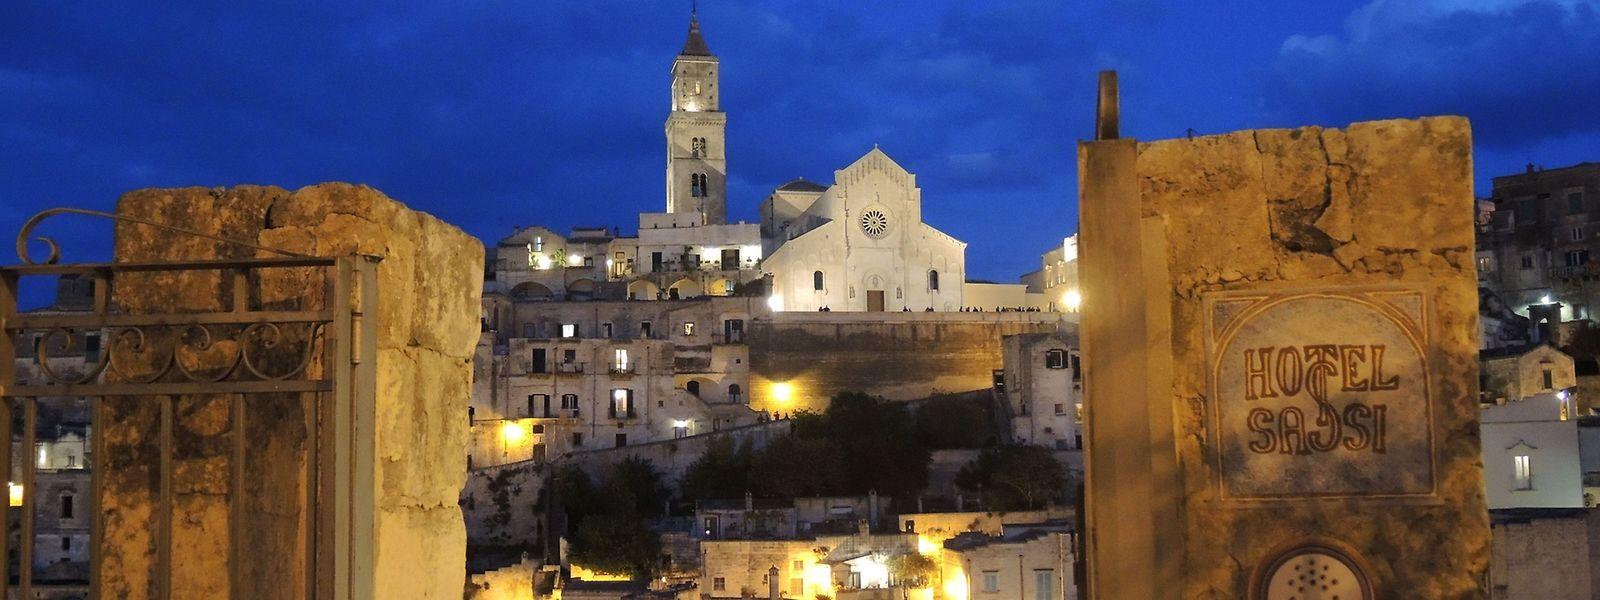 Blick auf die beleuchtete Altstadt von Matera: Die Stadt ist nicht einfach zu erreichen, hat aber viel zu bieten.